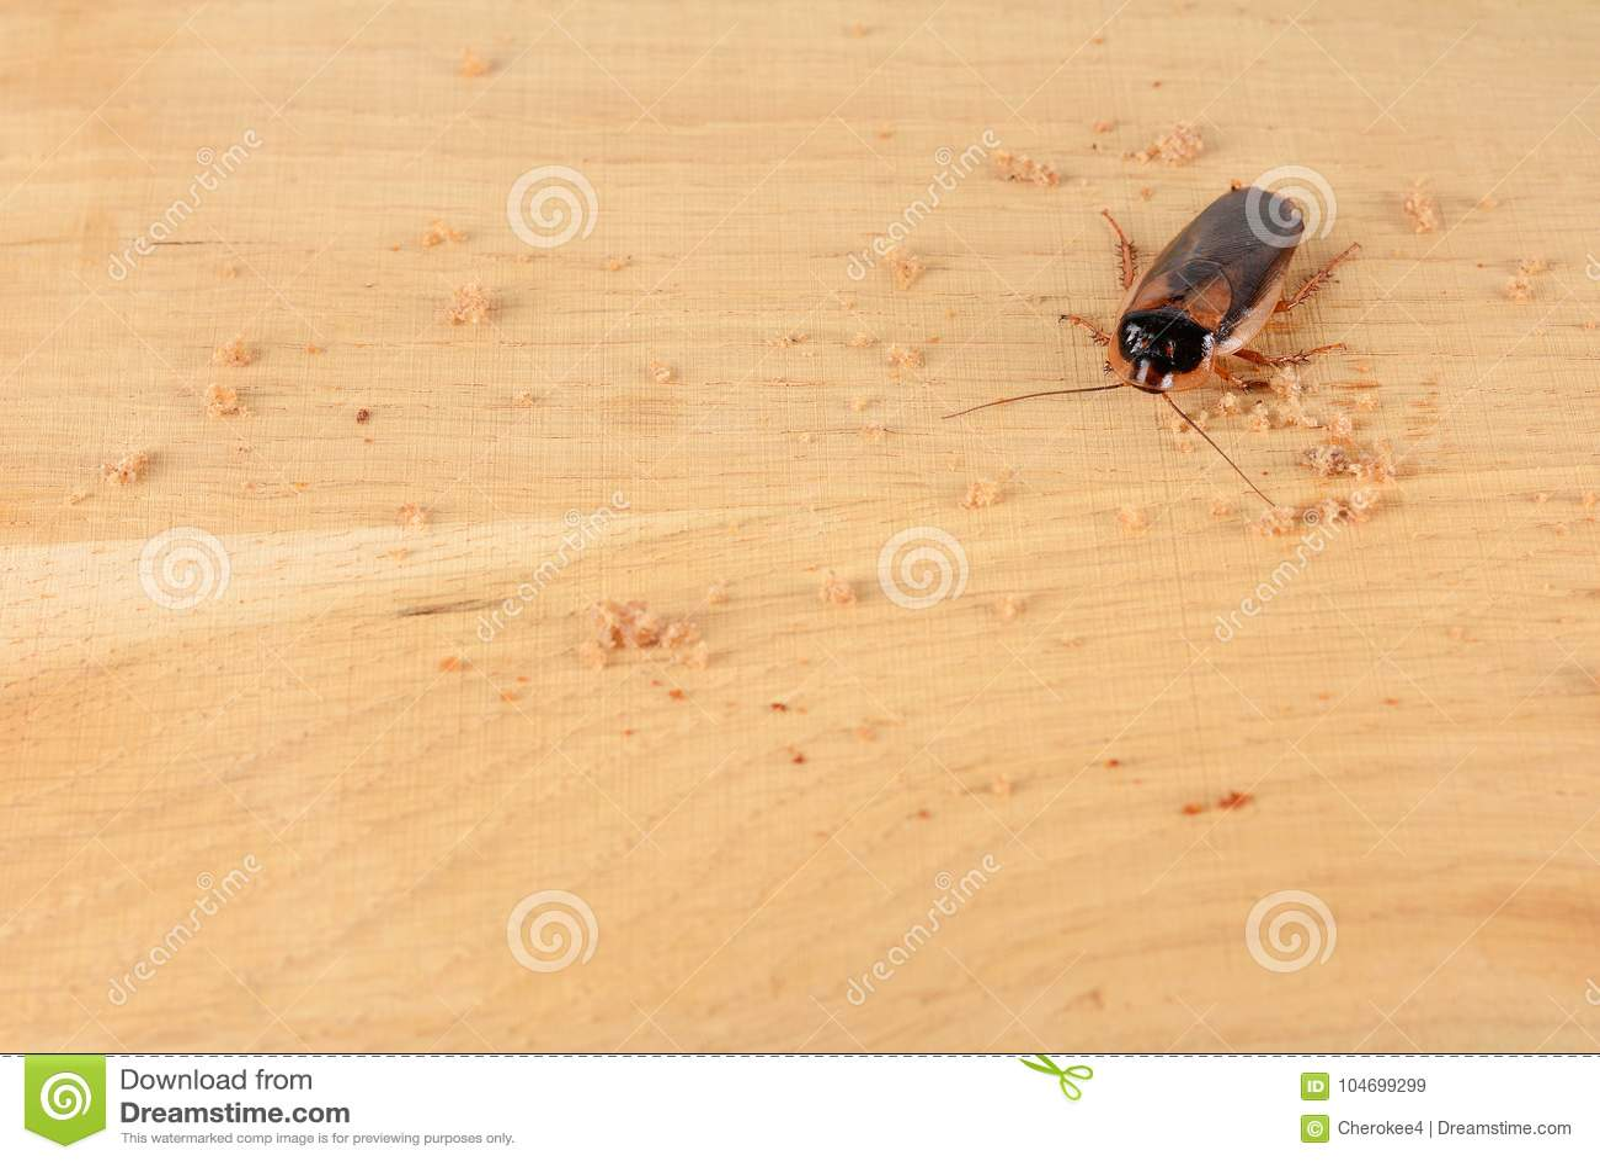 Kakkerlak in de keuken Het probleem is in het huis wegens de kakkerlakken